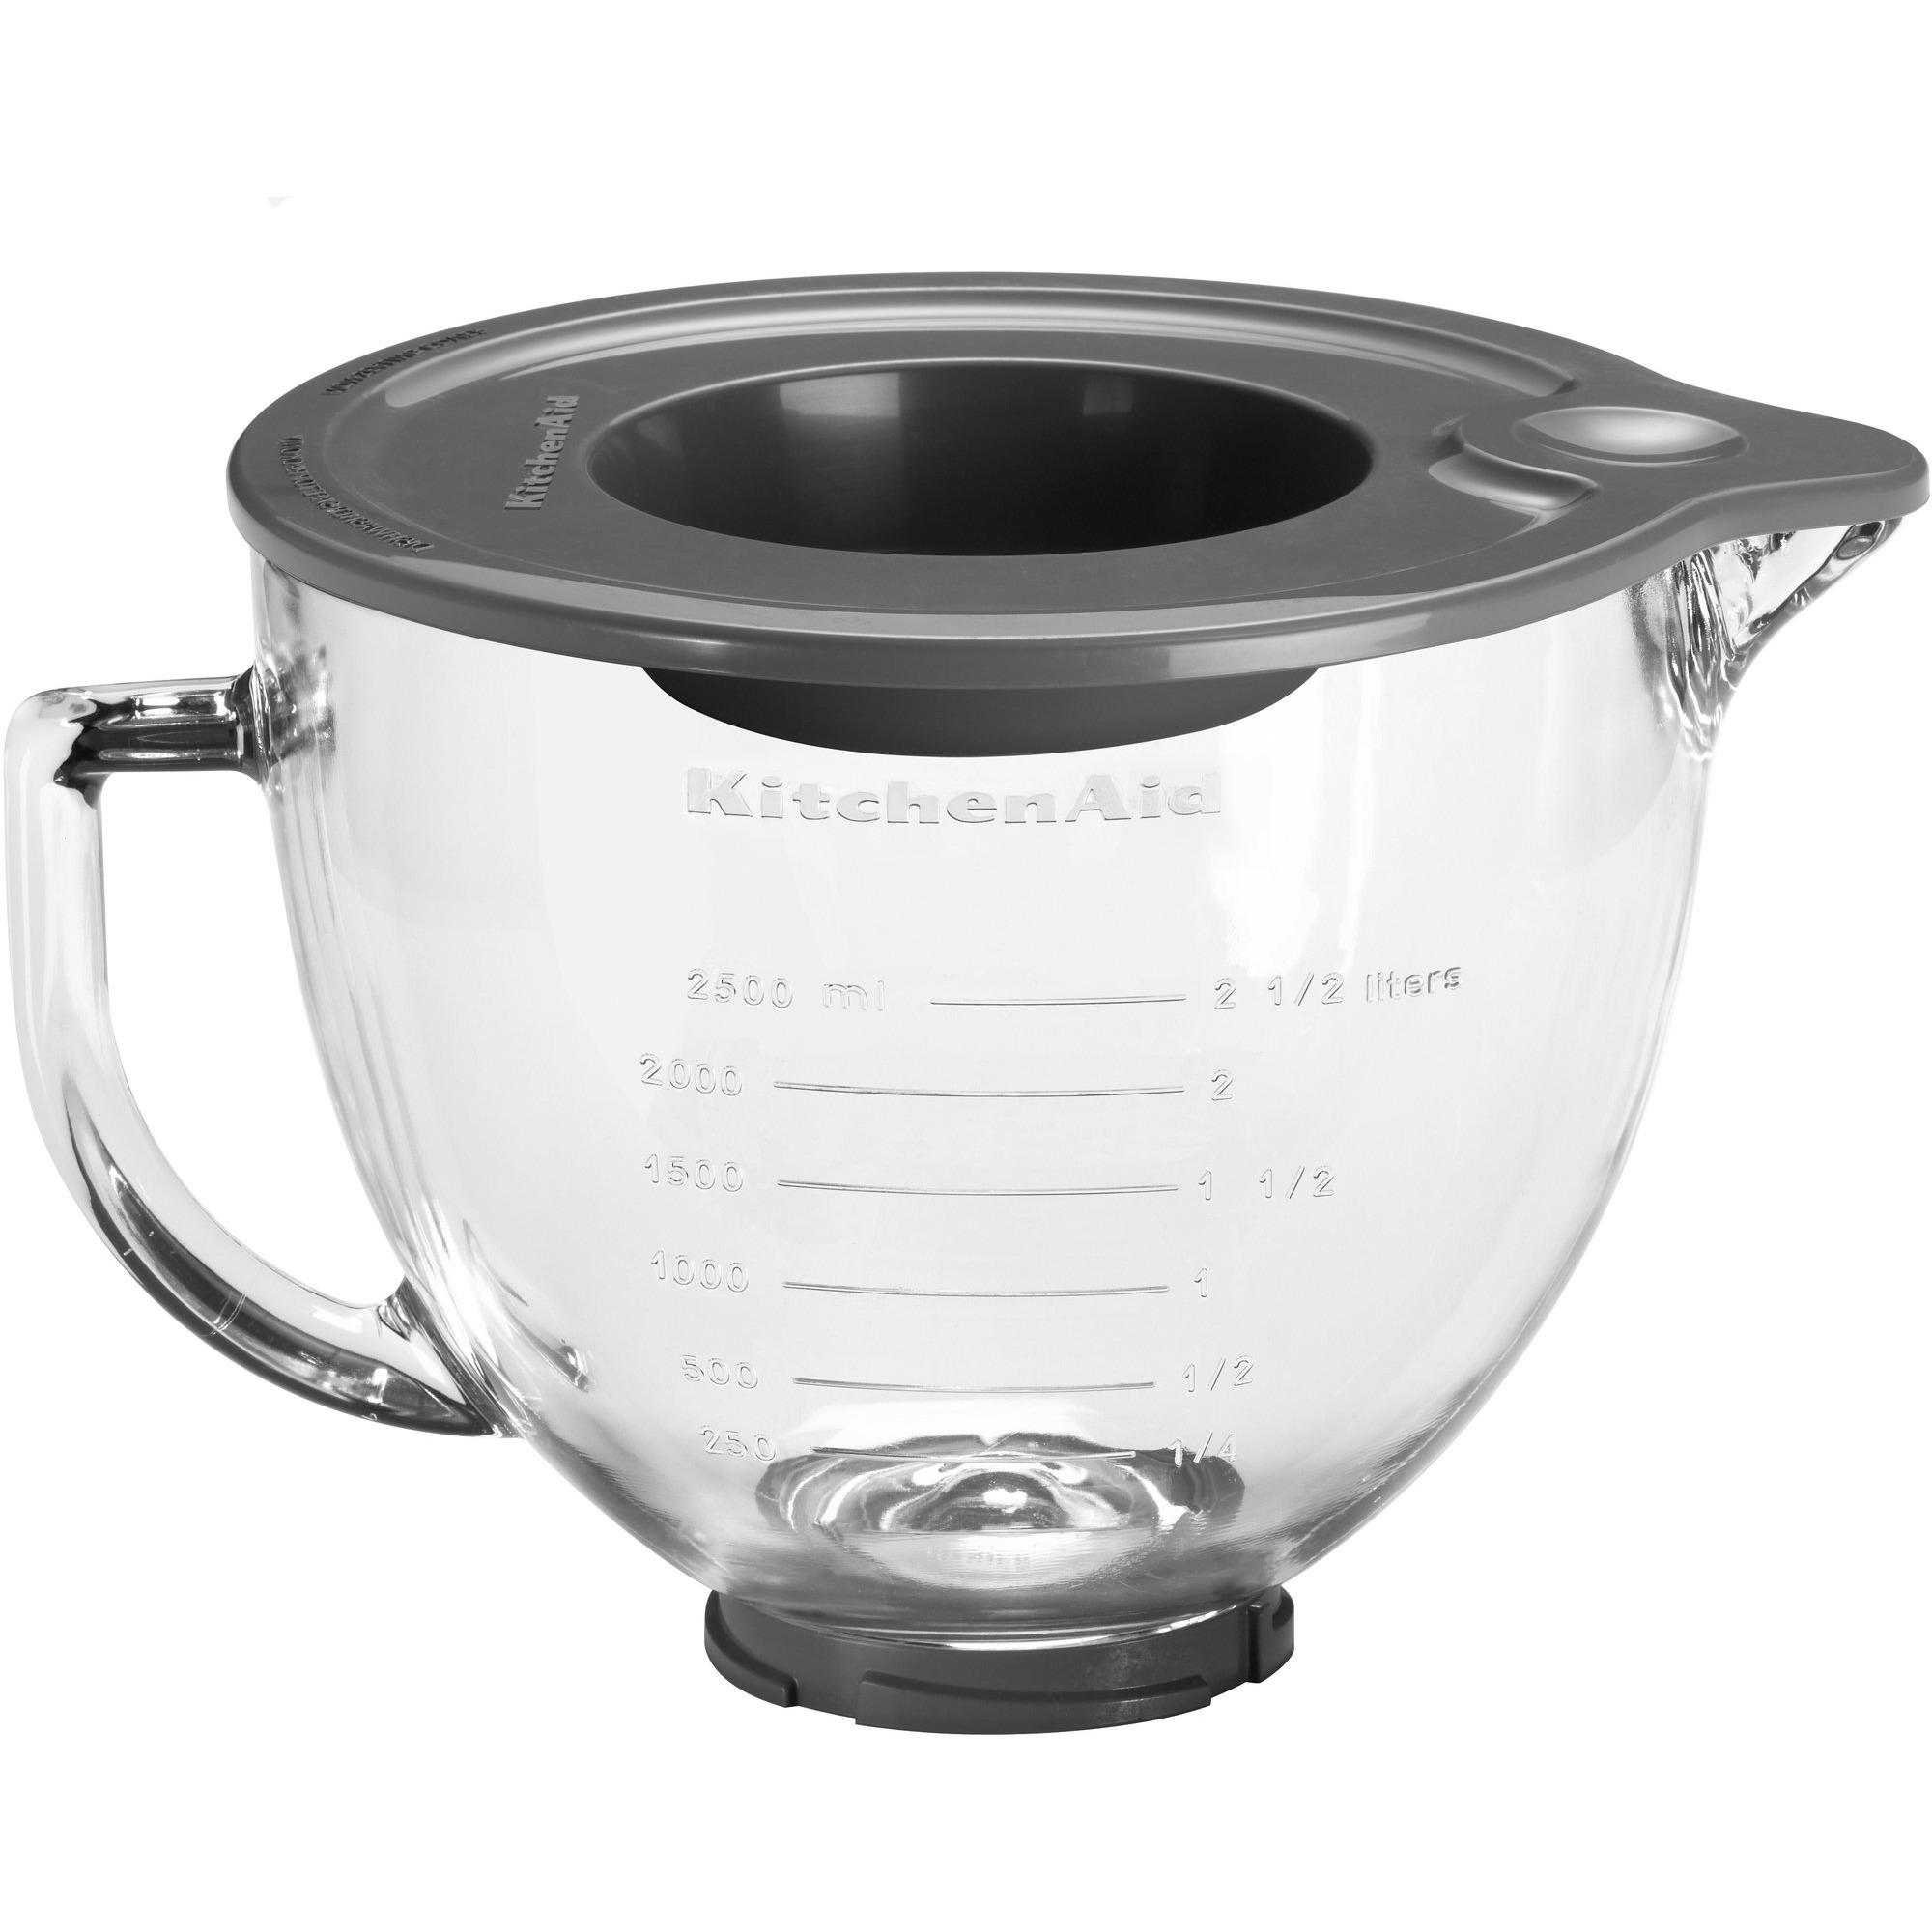 KitchenAid Skål i Glas 483 Liter med Silikonlock – 5KGB